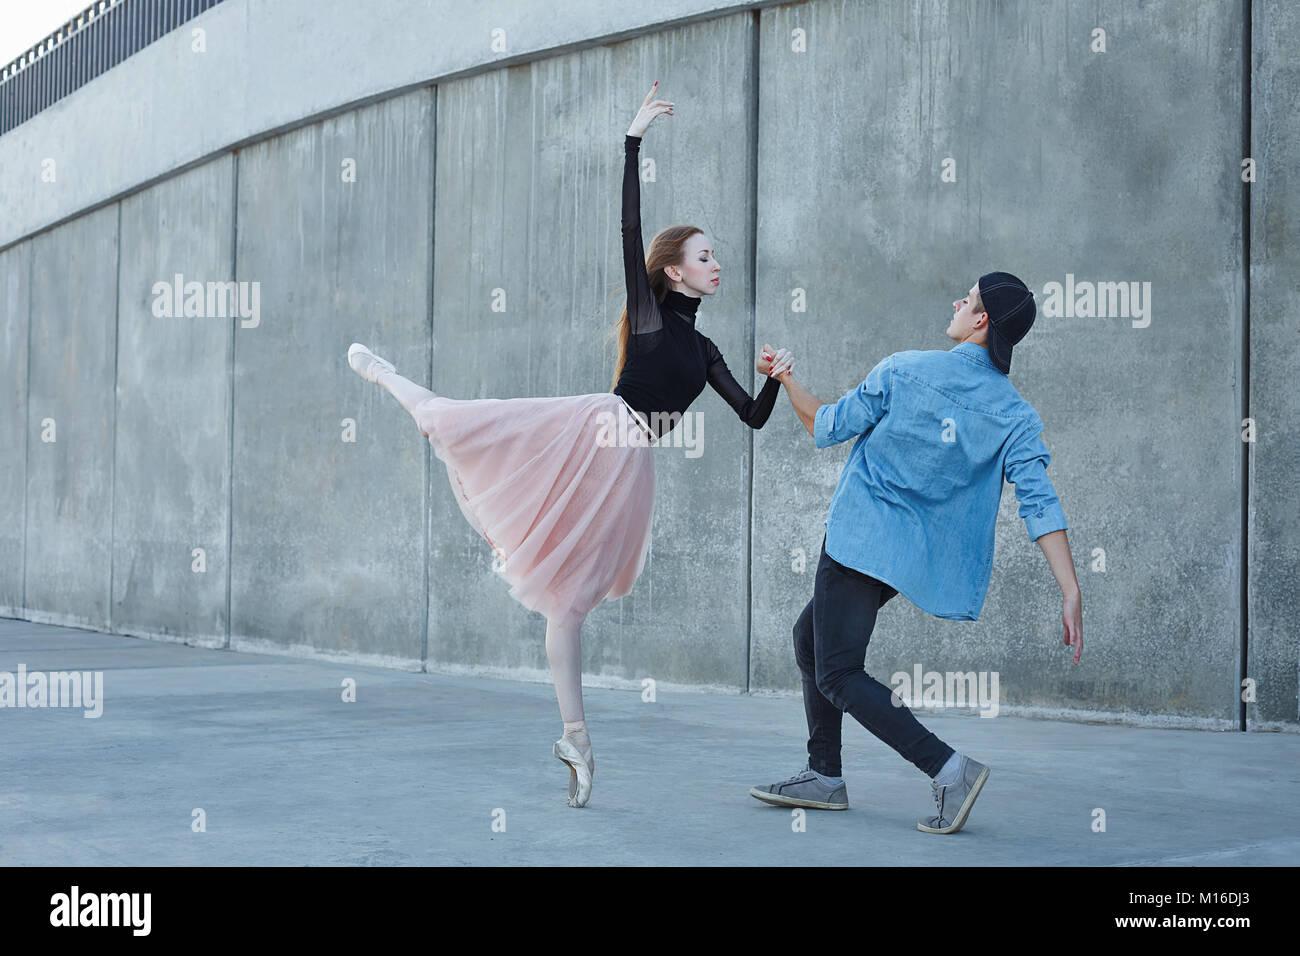 Esbelta bailarina baila con una bailarina moderna. Fecha de amantes. Desempeño en las calles de la ciudad. Imagen De Stock